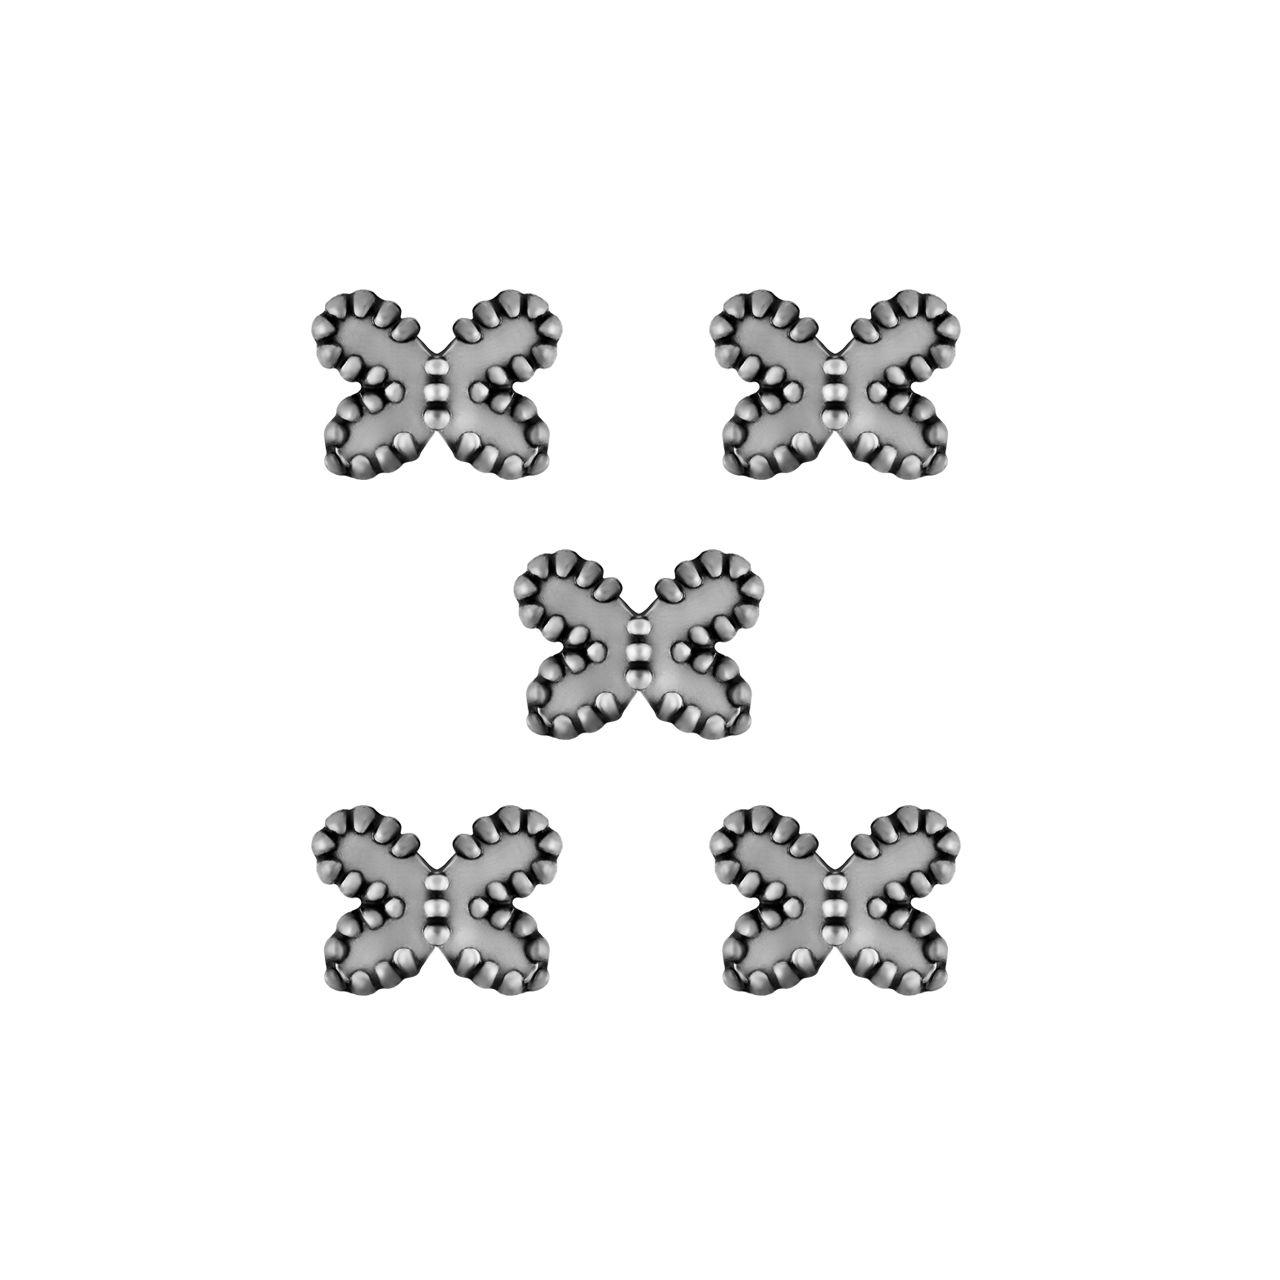 پلاک دستبند اقلیمه کد RS77 بسته 5 عددی -  - 2